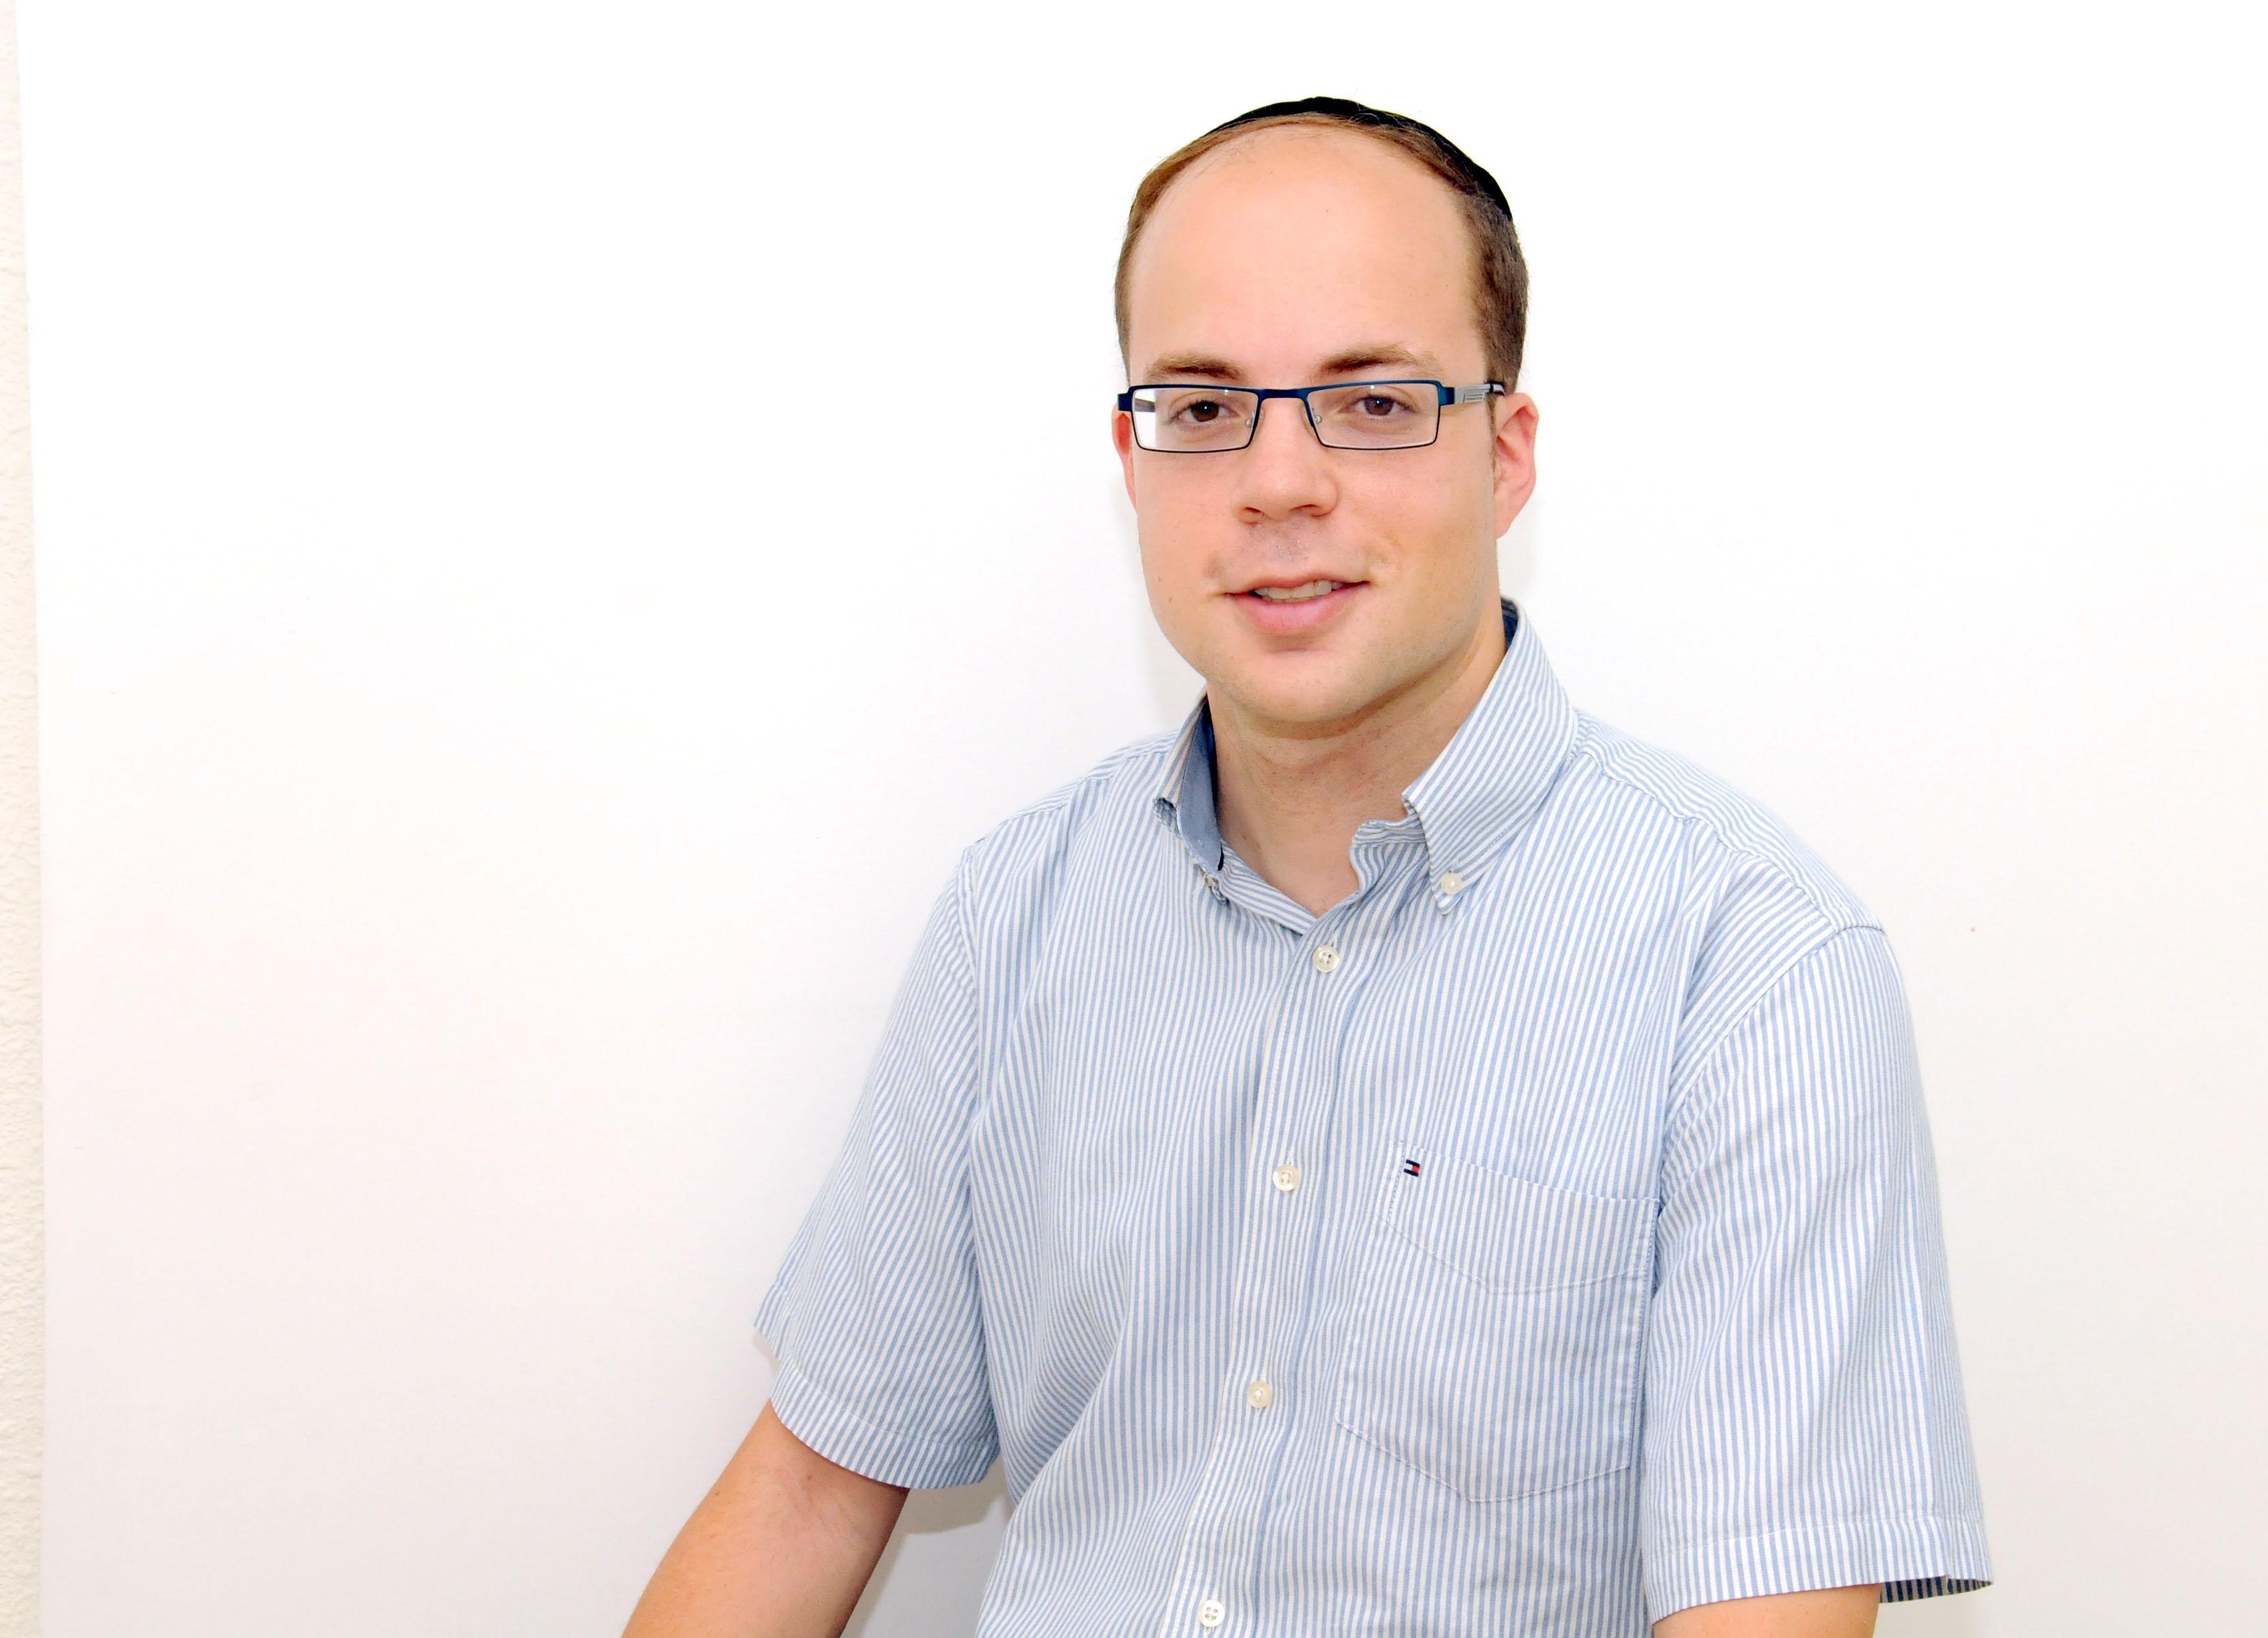 """רו""""ח יהודה בר - מרצה לניתוח תזרים מזומנים"""